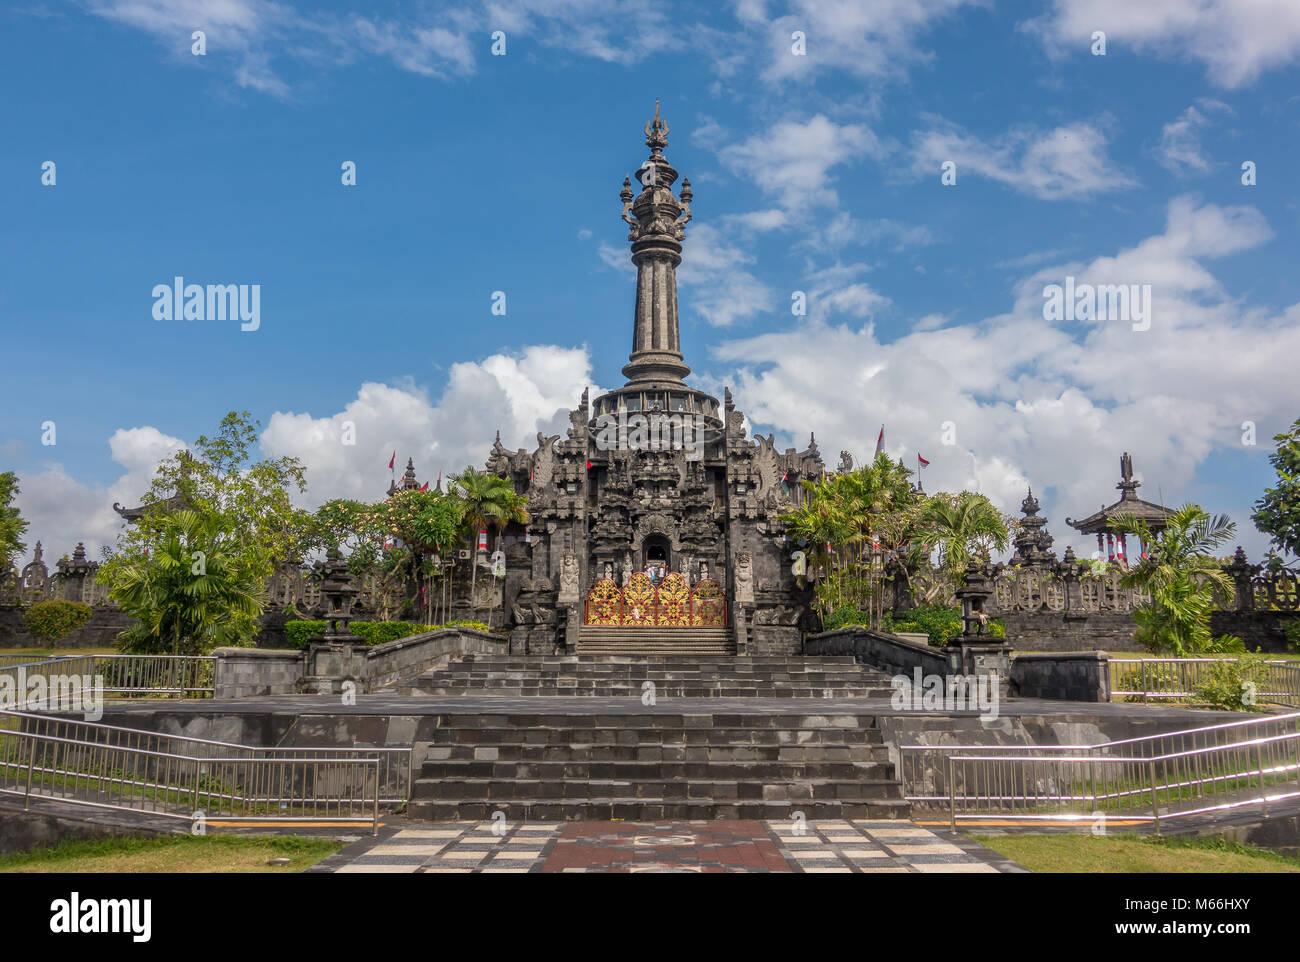 Bajra Sandhi Monument or Monumen Perjuangan Rakyat Bali, Denpasar, Bali, Indonesia. - Stock Image